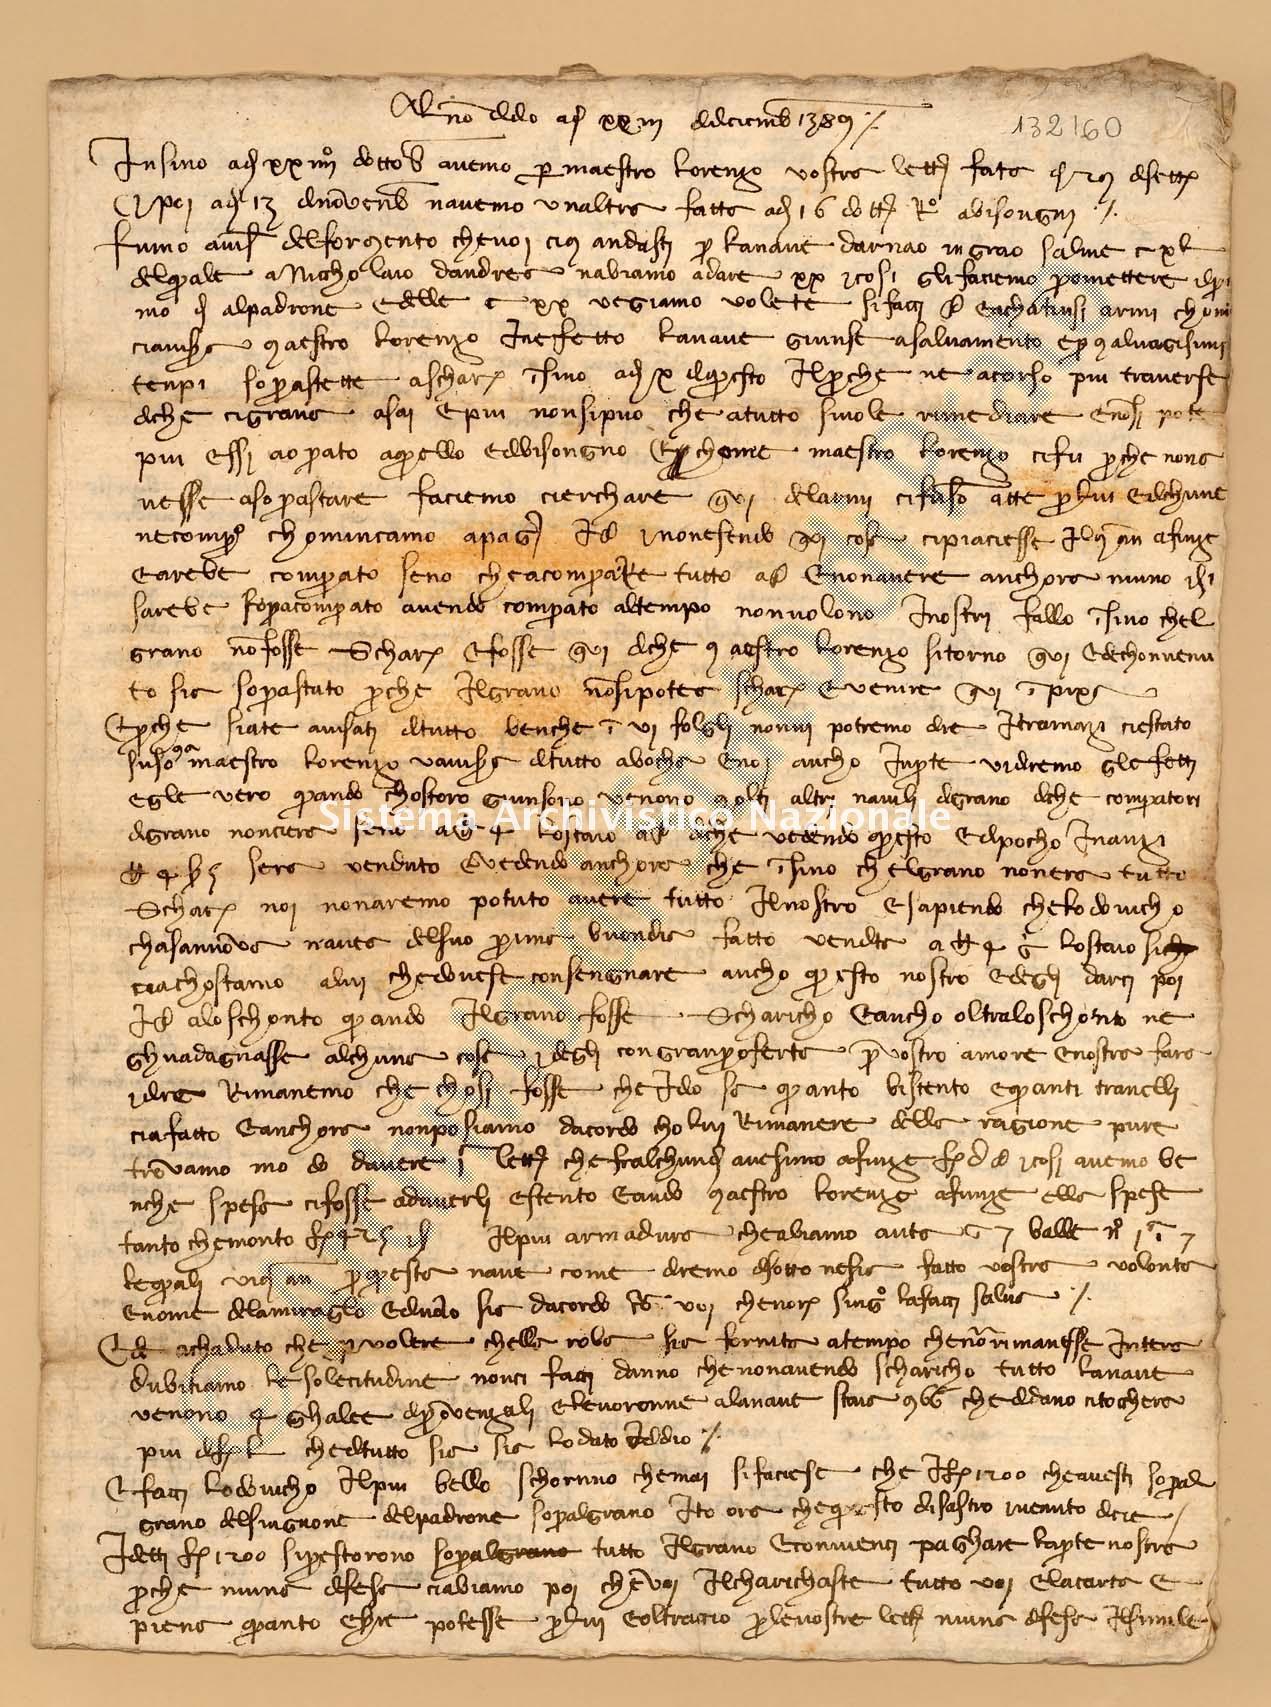 Archivio di Stato di Prato, Fondo Datini, Appendice al carteggio, 1116.143 Lettere Di Datini Francesco Di Marco a Biagio Di Donato Da Firenze (busta 1116, inserto 143, codice 132160)